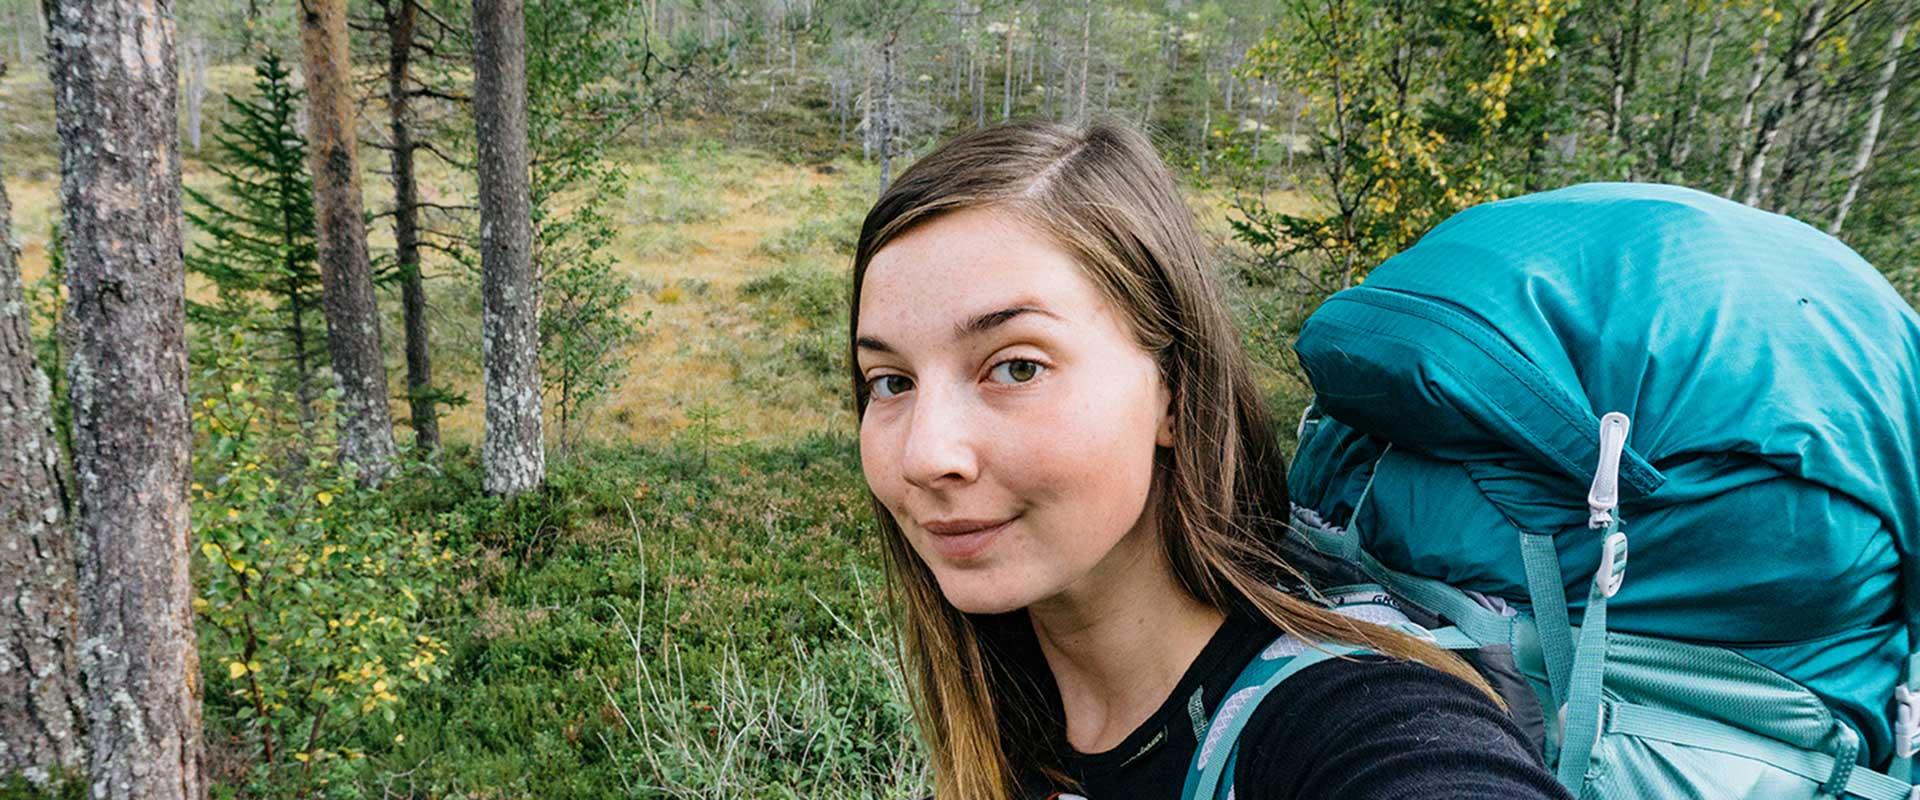 Leanne Downs, St Olavsleden ambassador